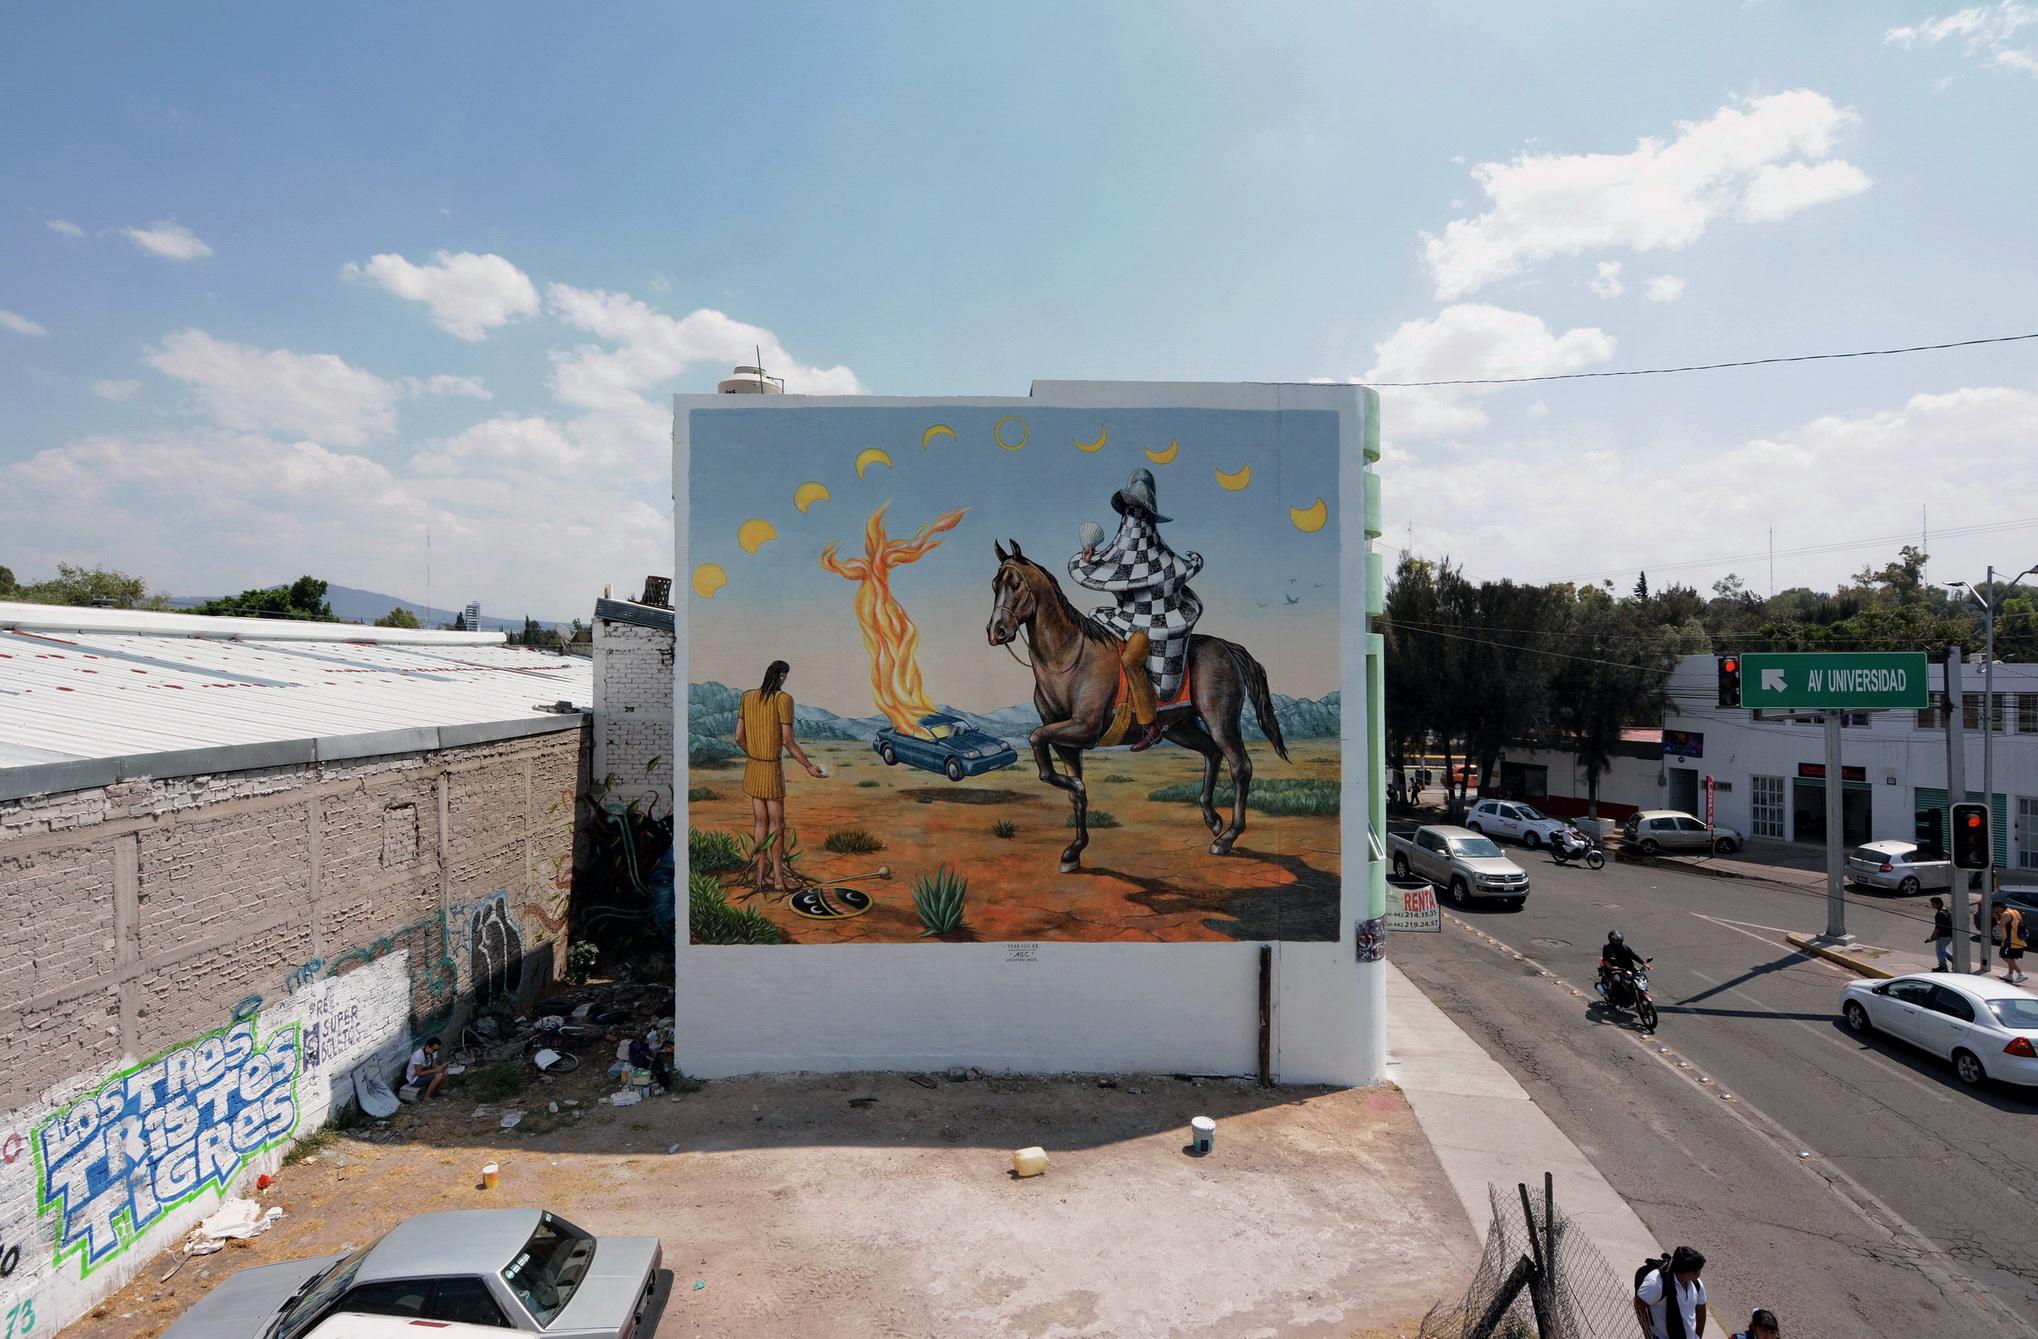 AEC Interesni Kazki Querétaro Messico Macromurales project